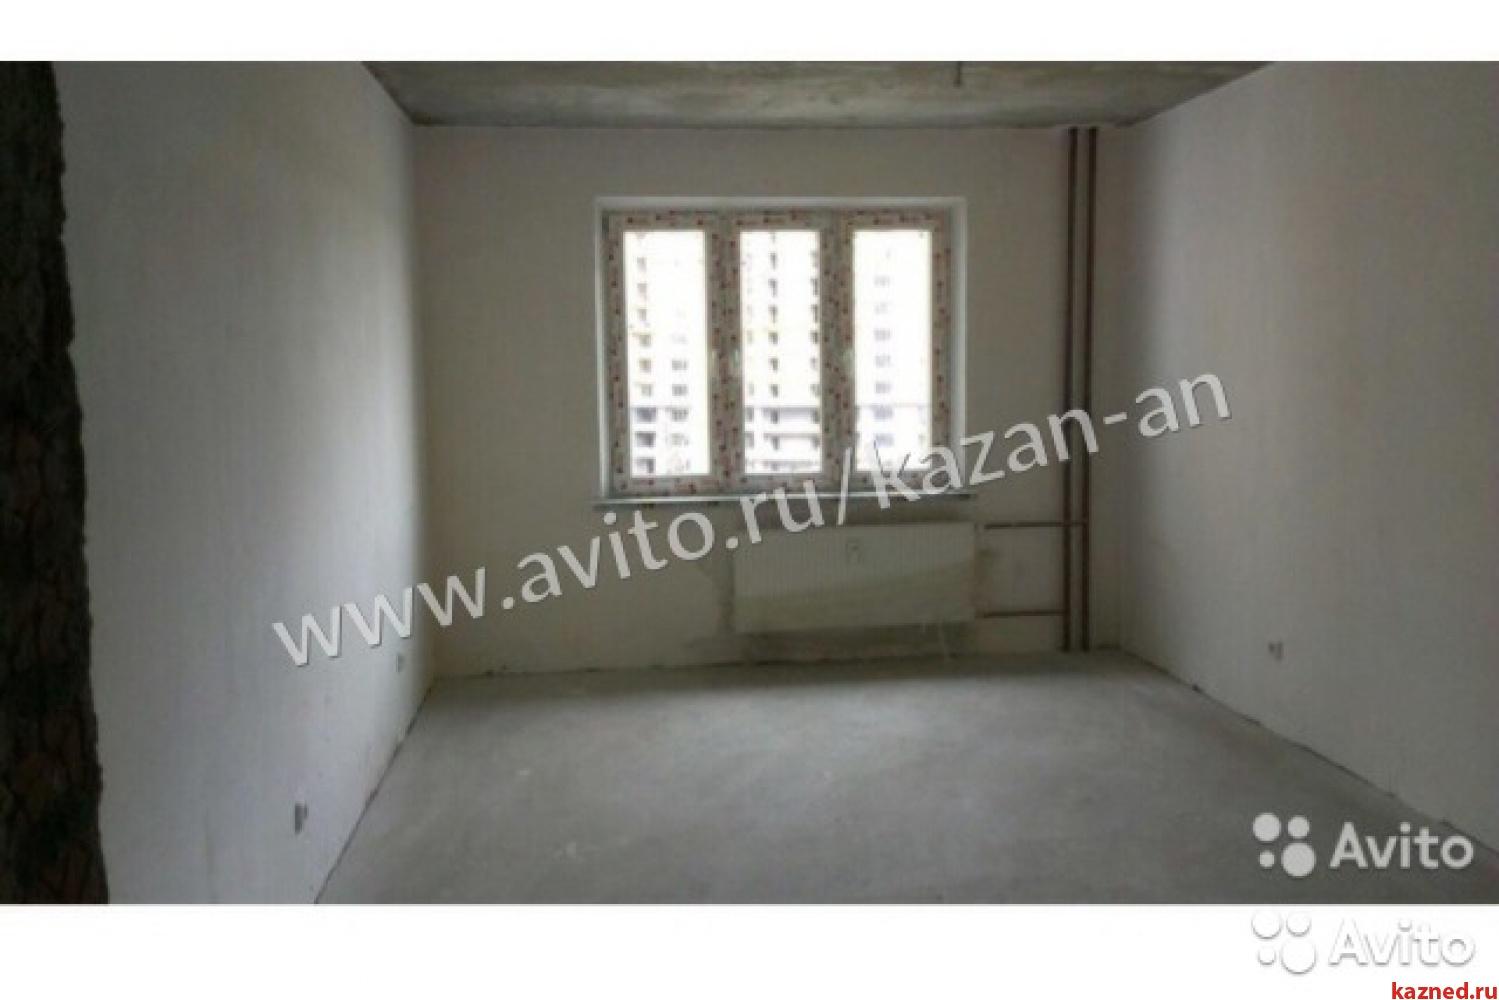 Продажа 2-к квартиры Натана Рахлина ул, 7б, 0 м2  (миниатюра №4)